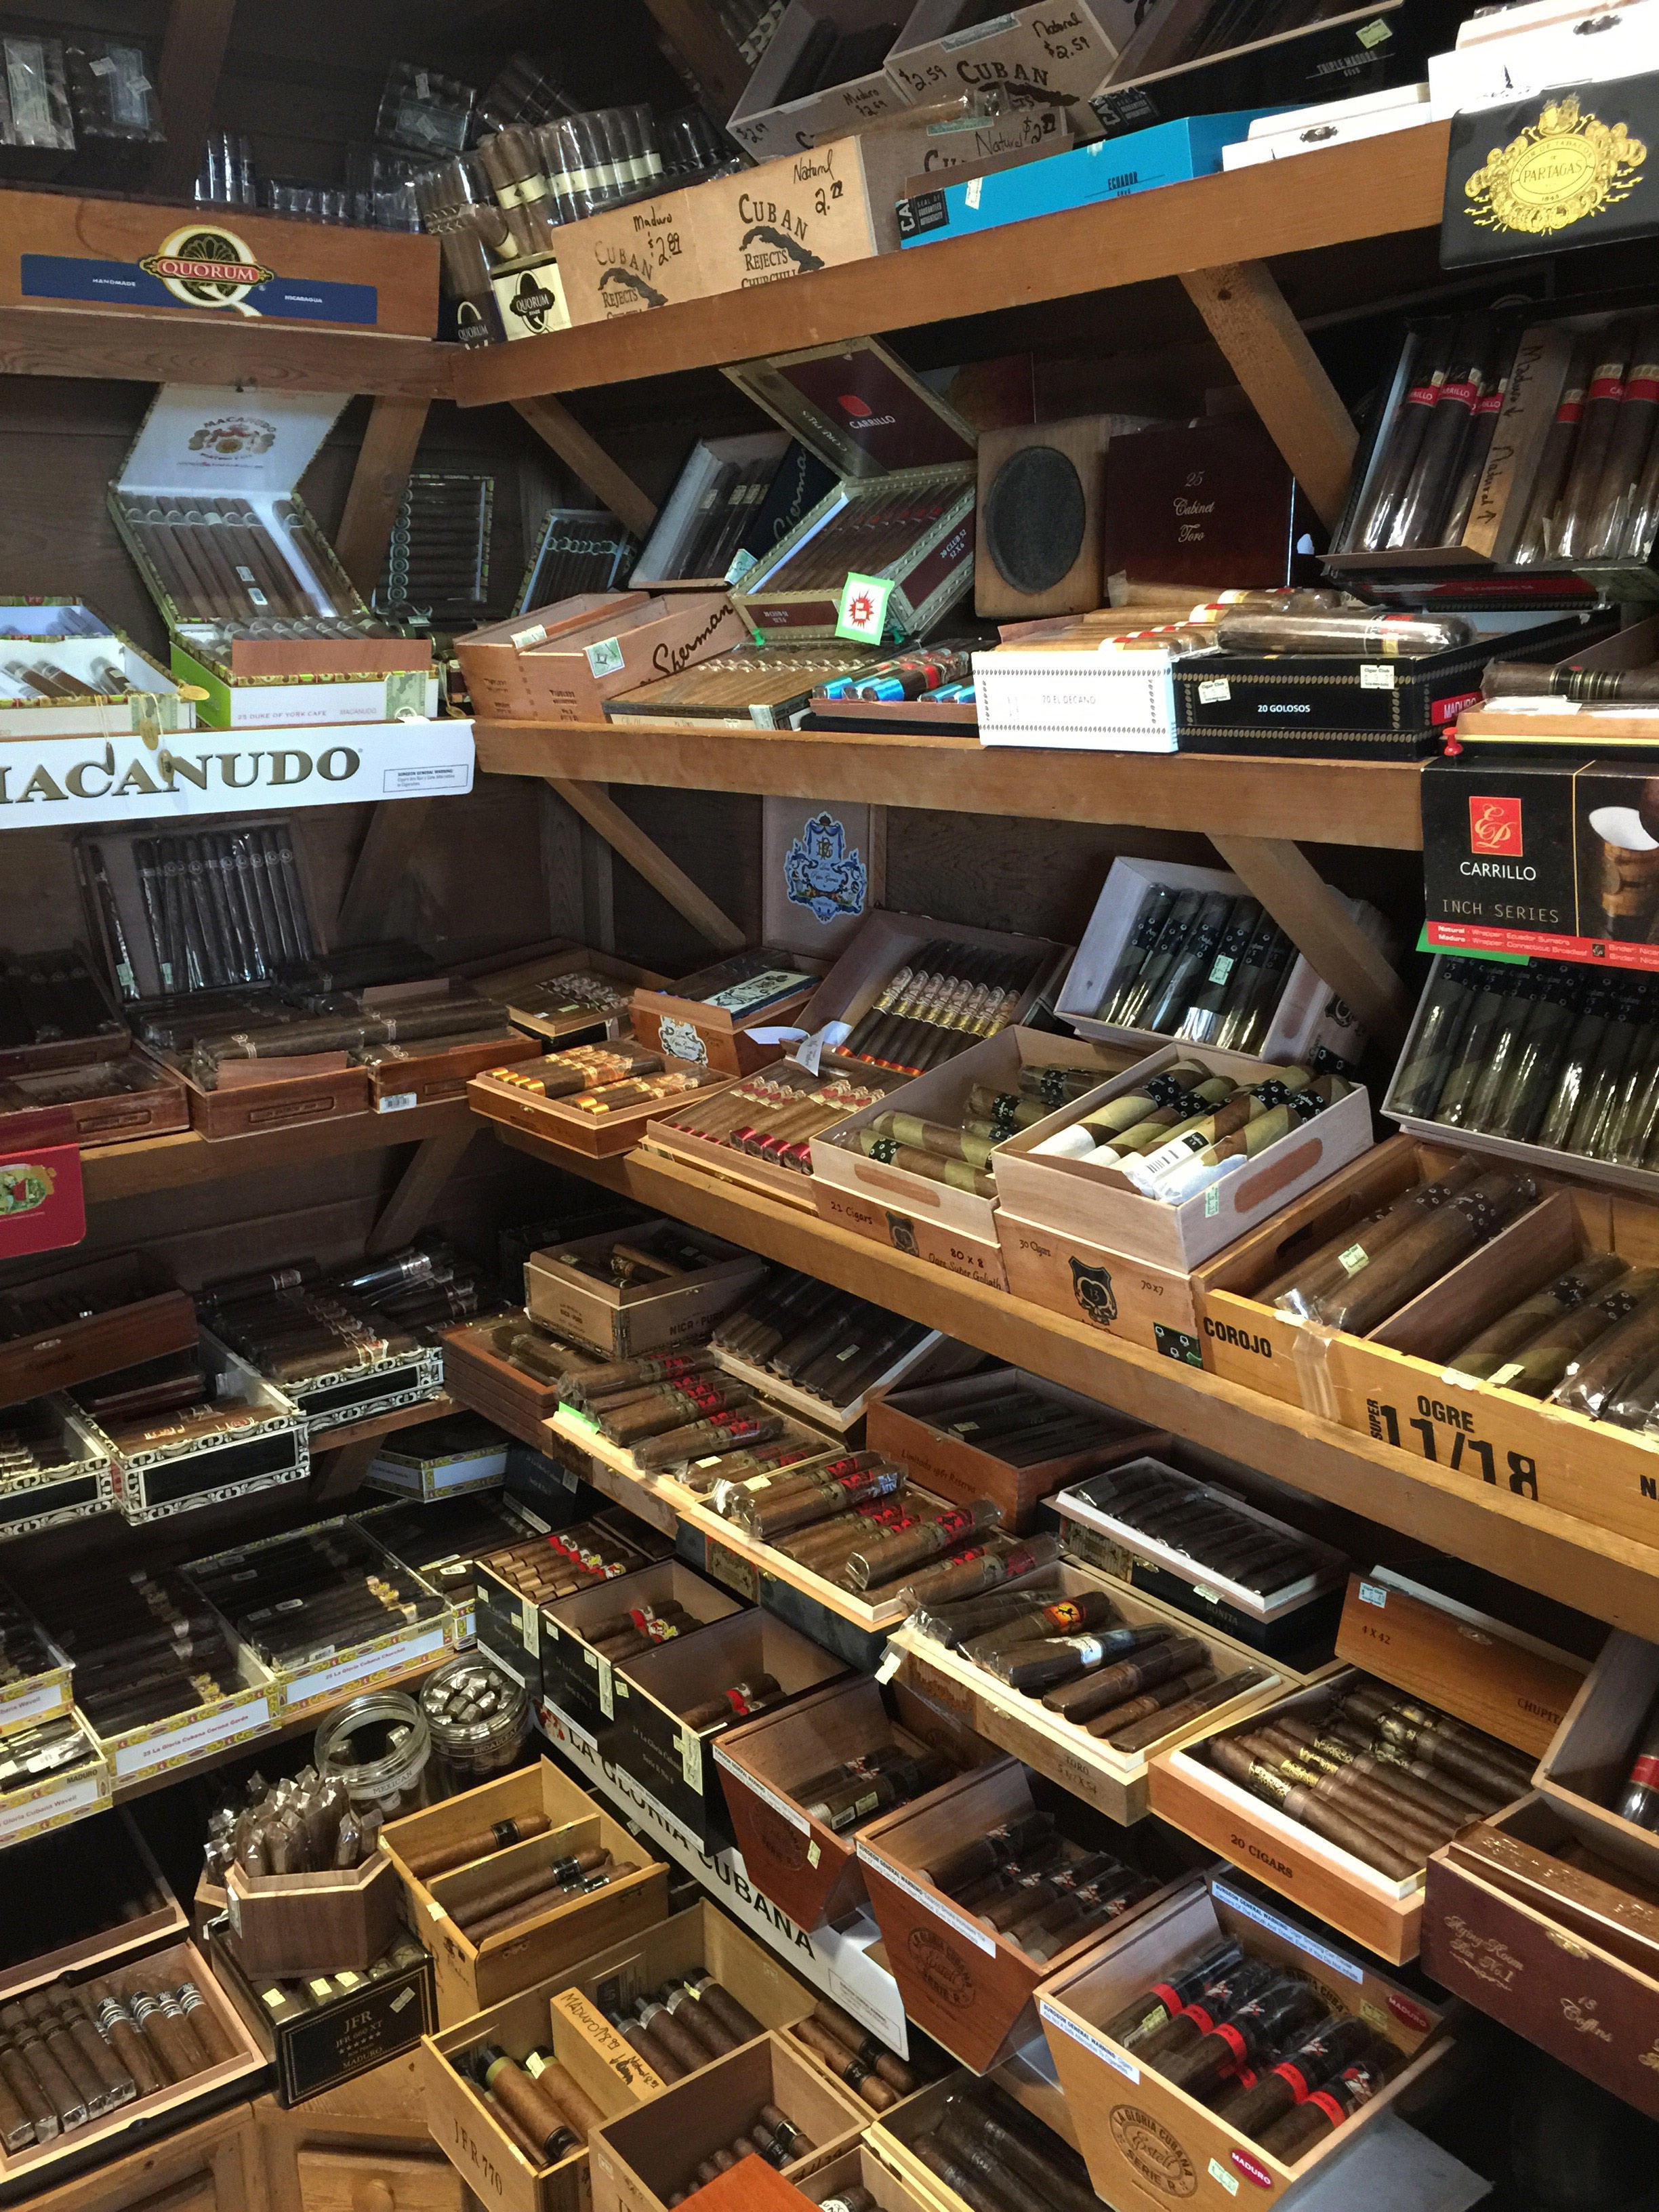 The Cigar Club